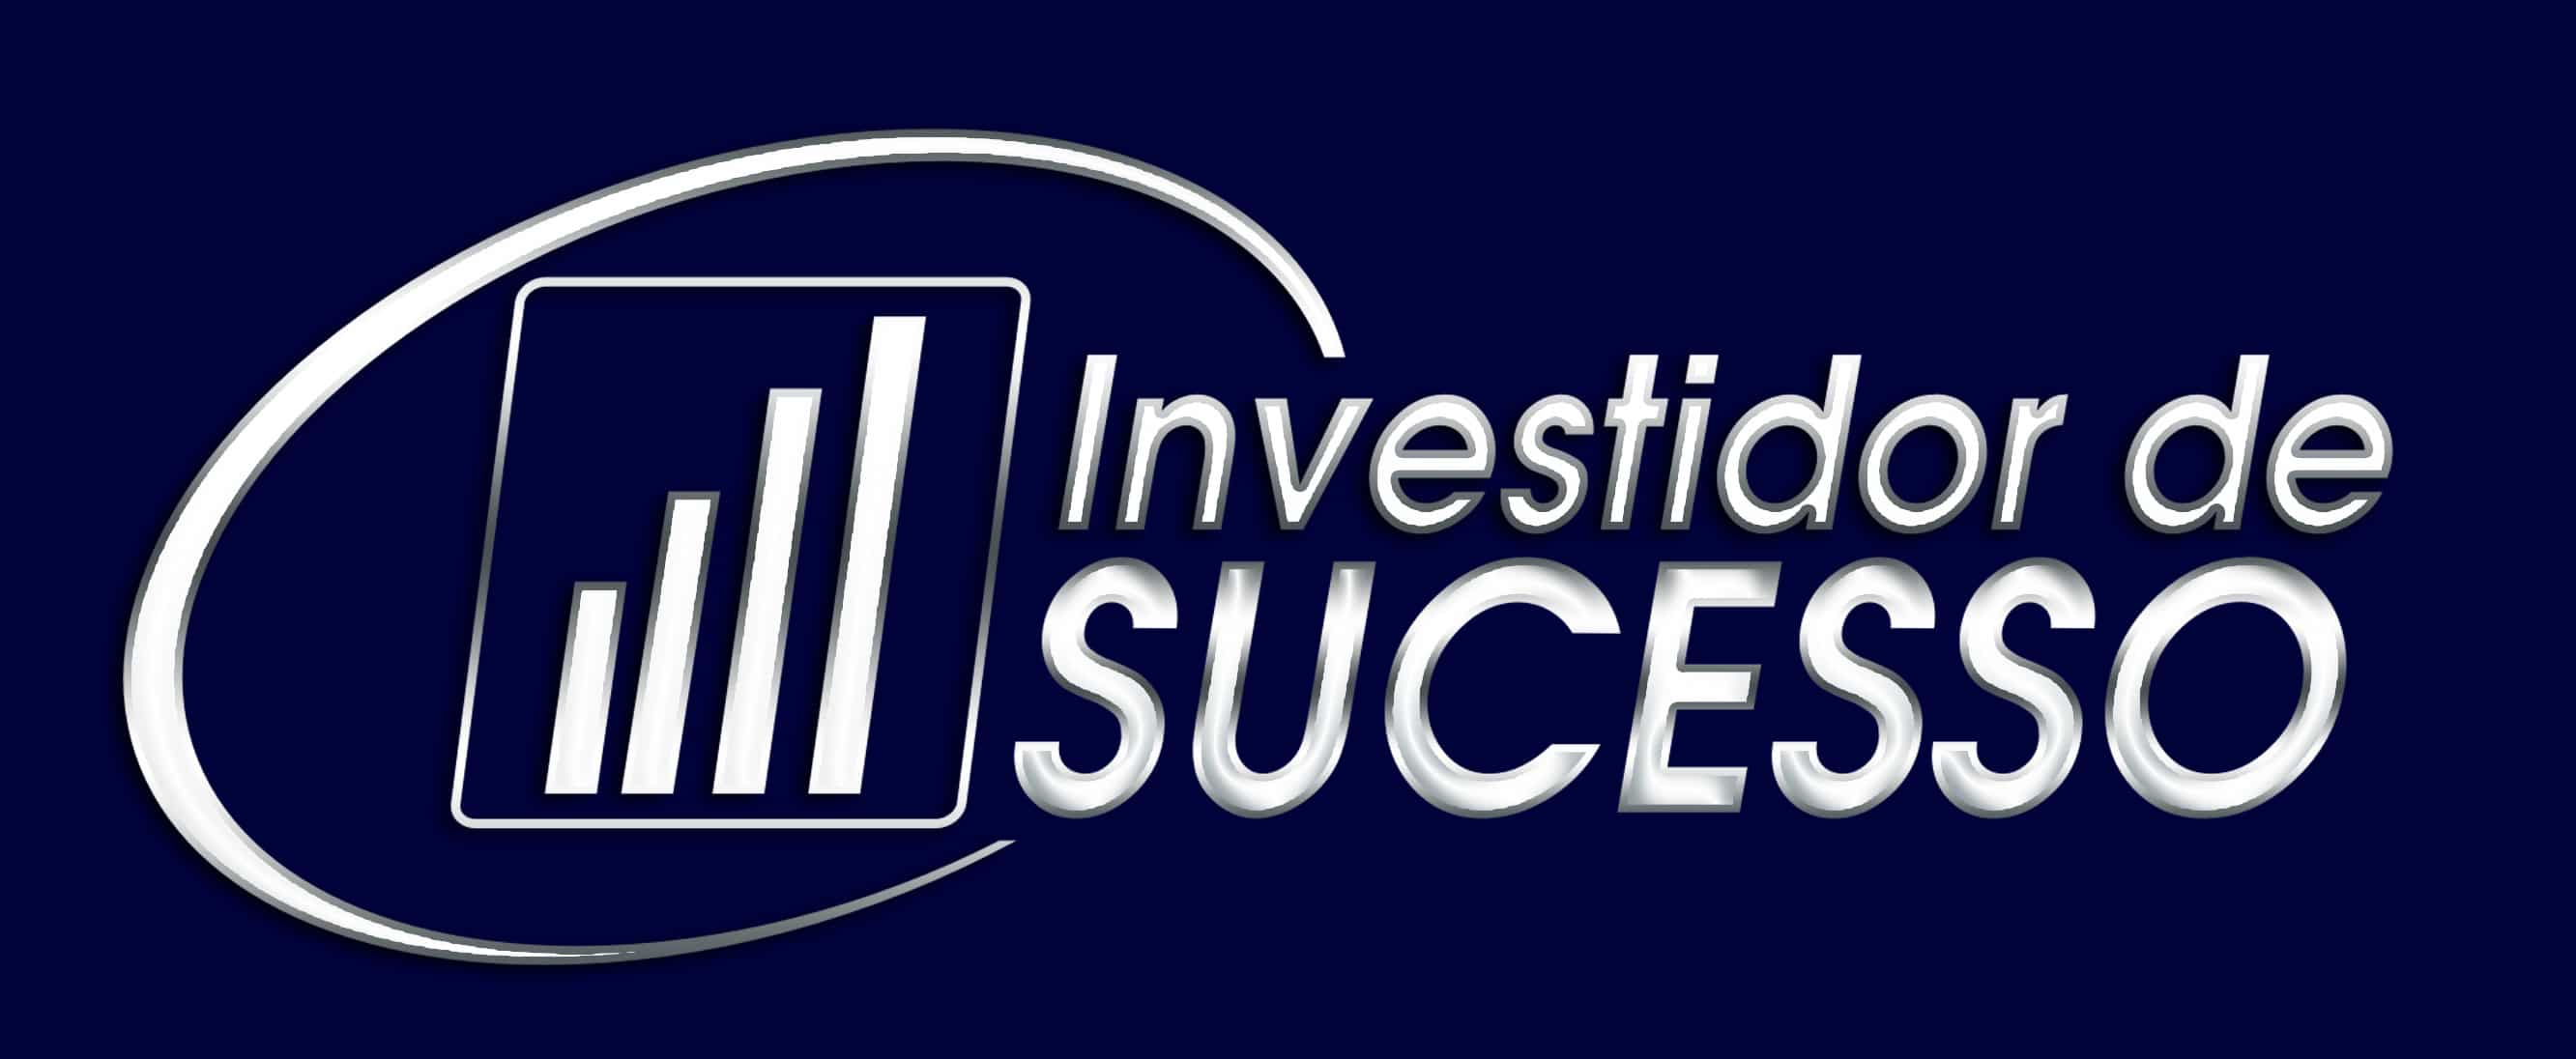 O Investidor de Sucesso